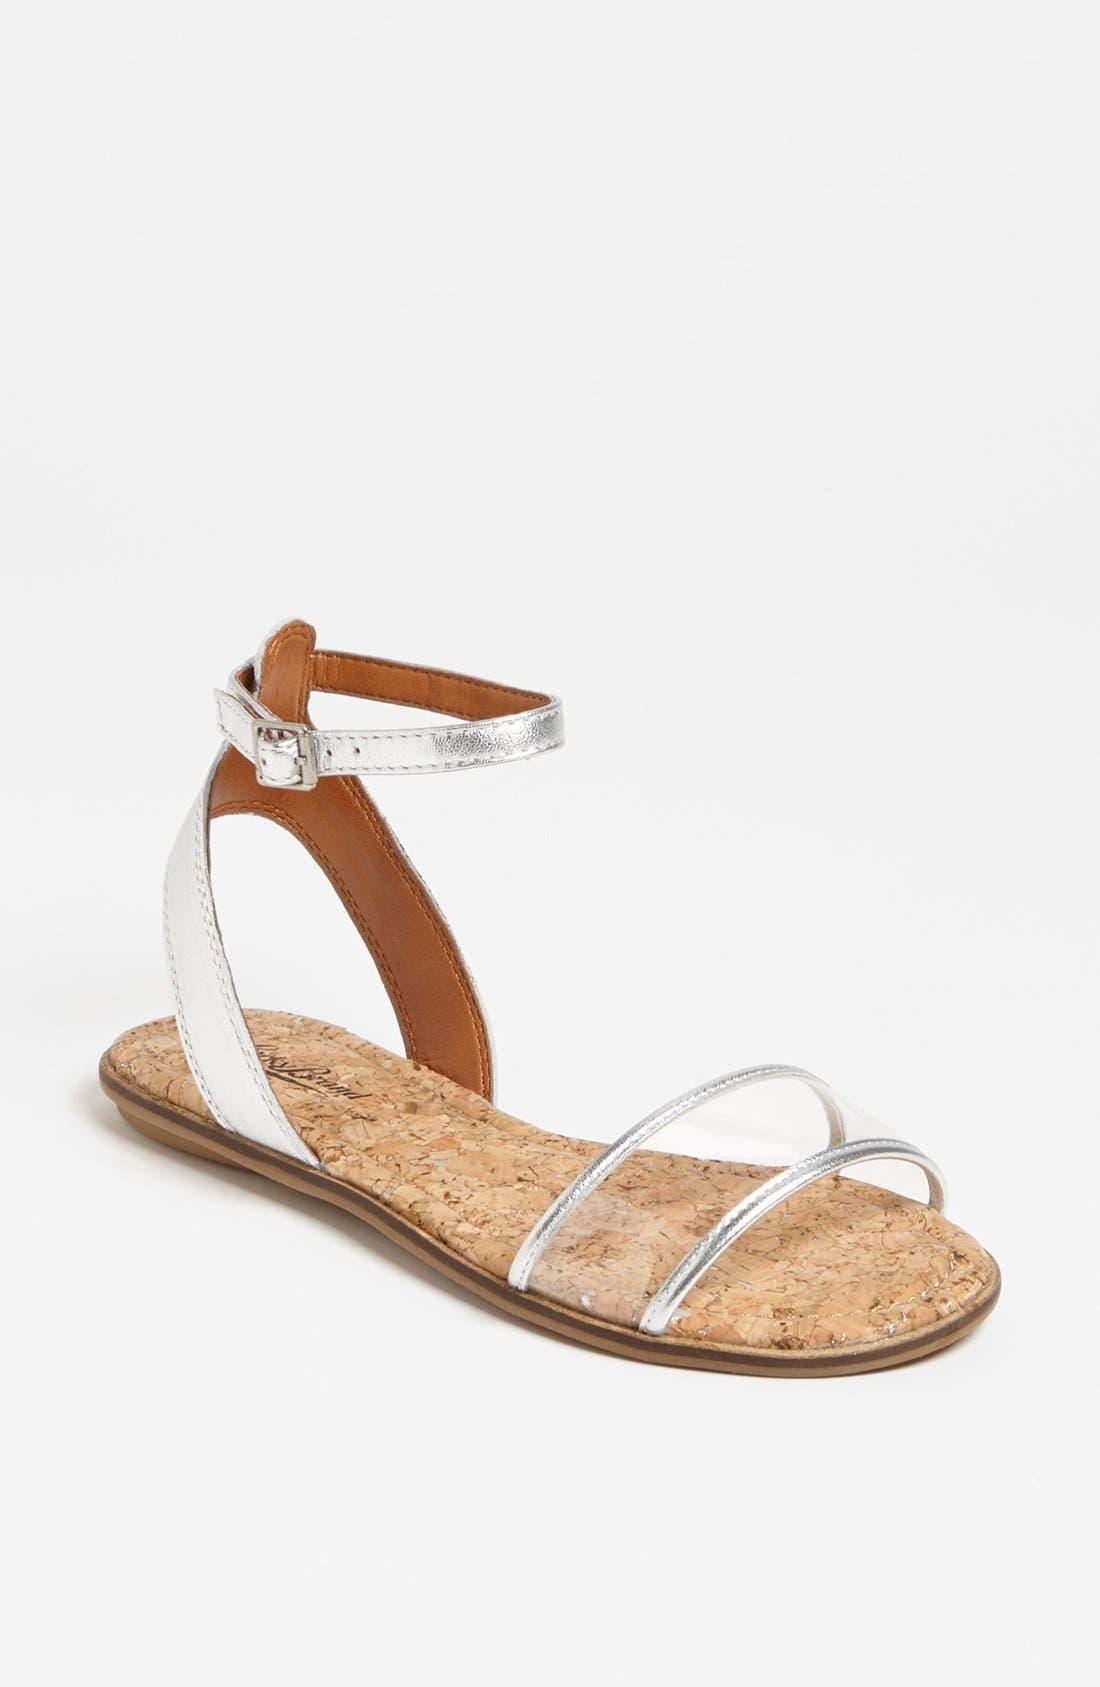 Alternate Image 1 Selected - Lucky Brand 'Covela' Sandal